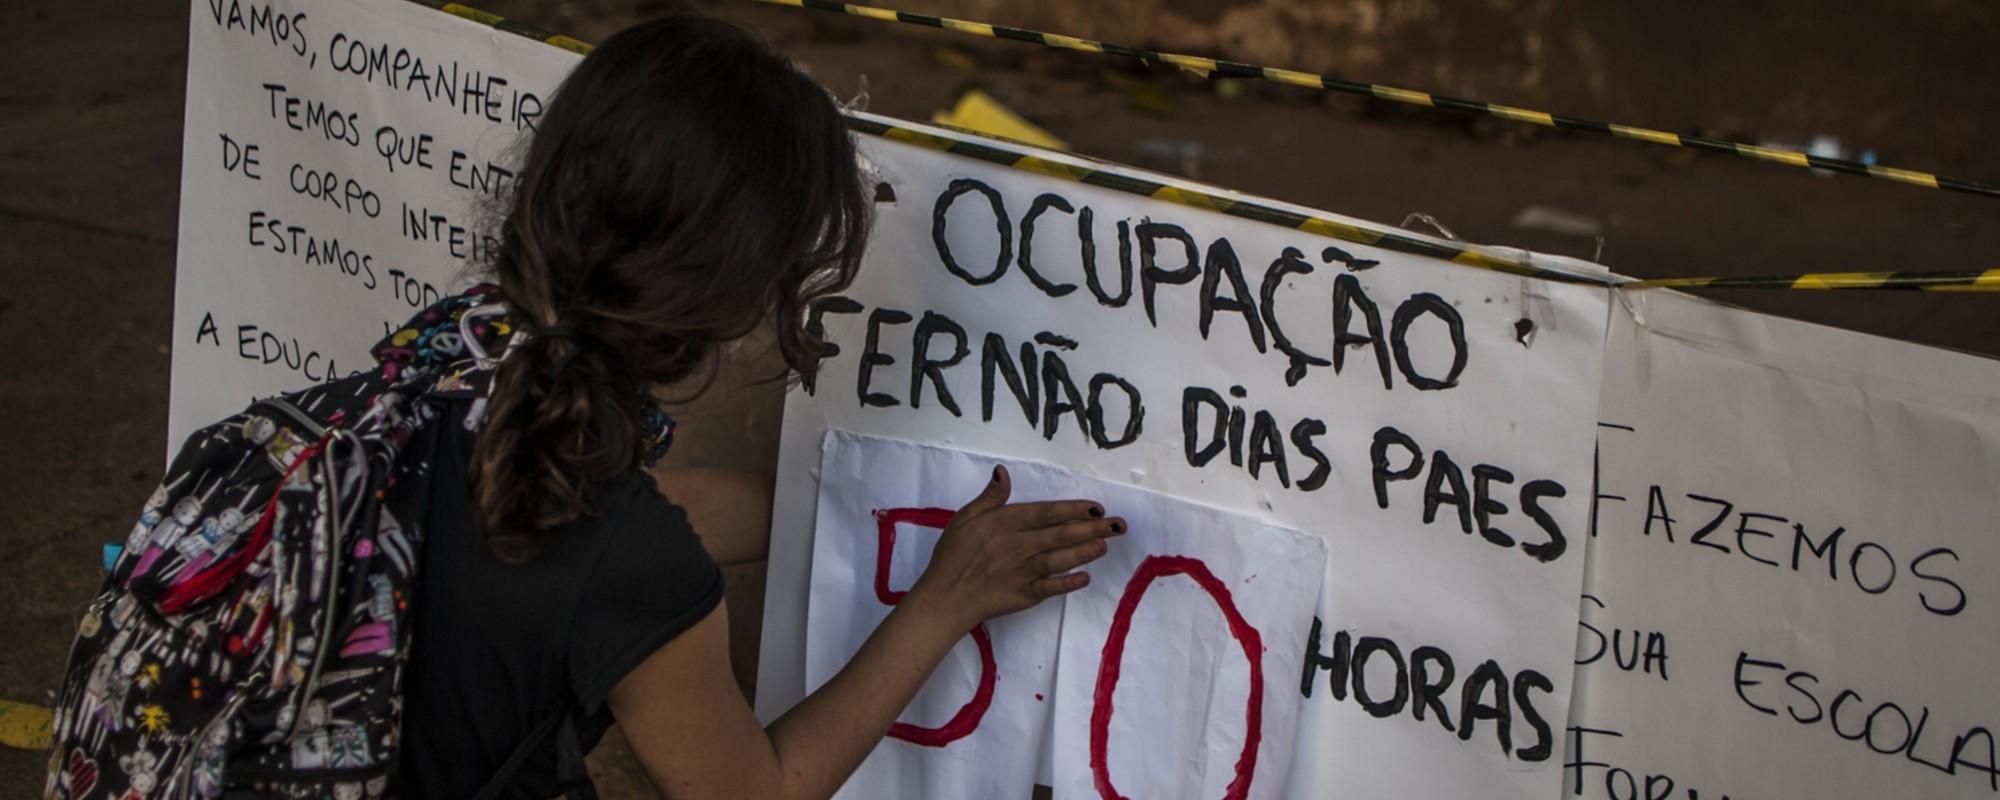 Mais Fotos de Ontem na Ocupação dos Estudantes da E.E. Fernão Dias